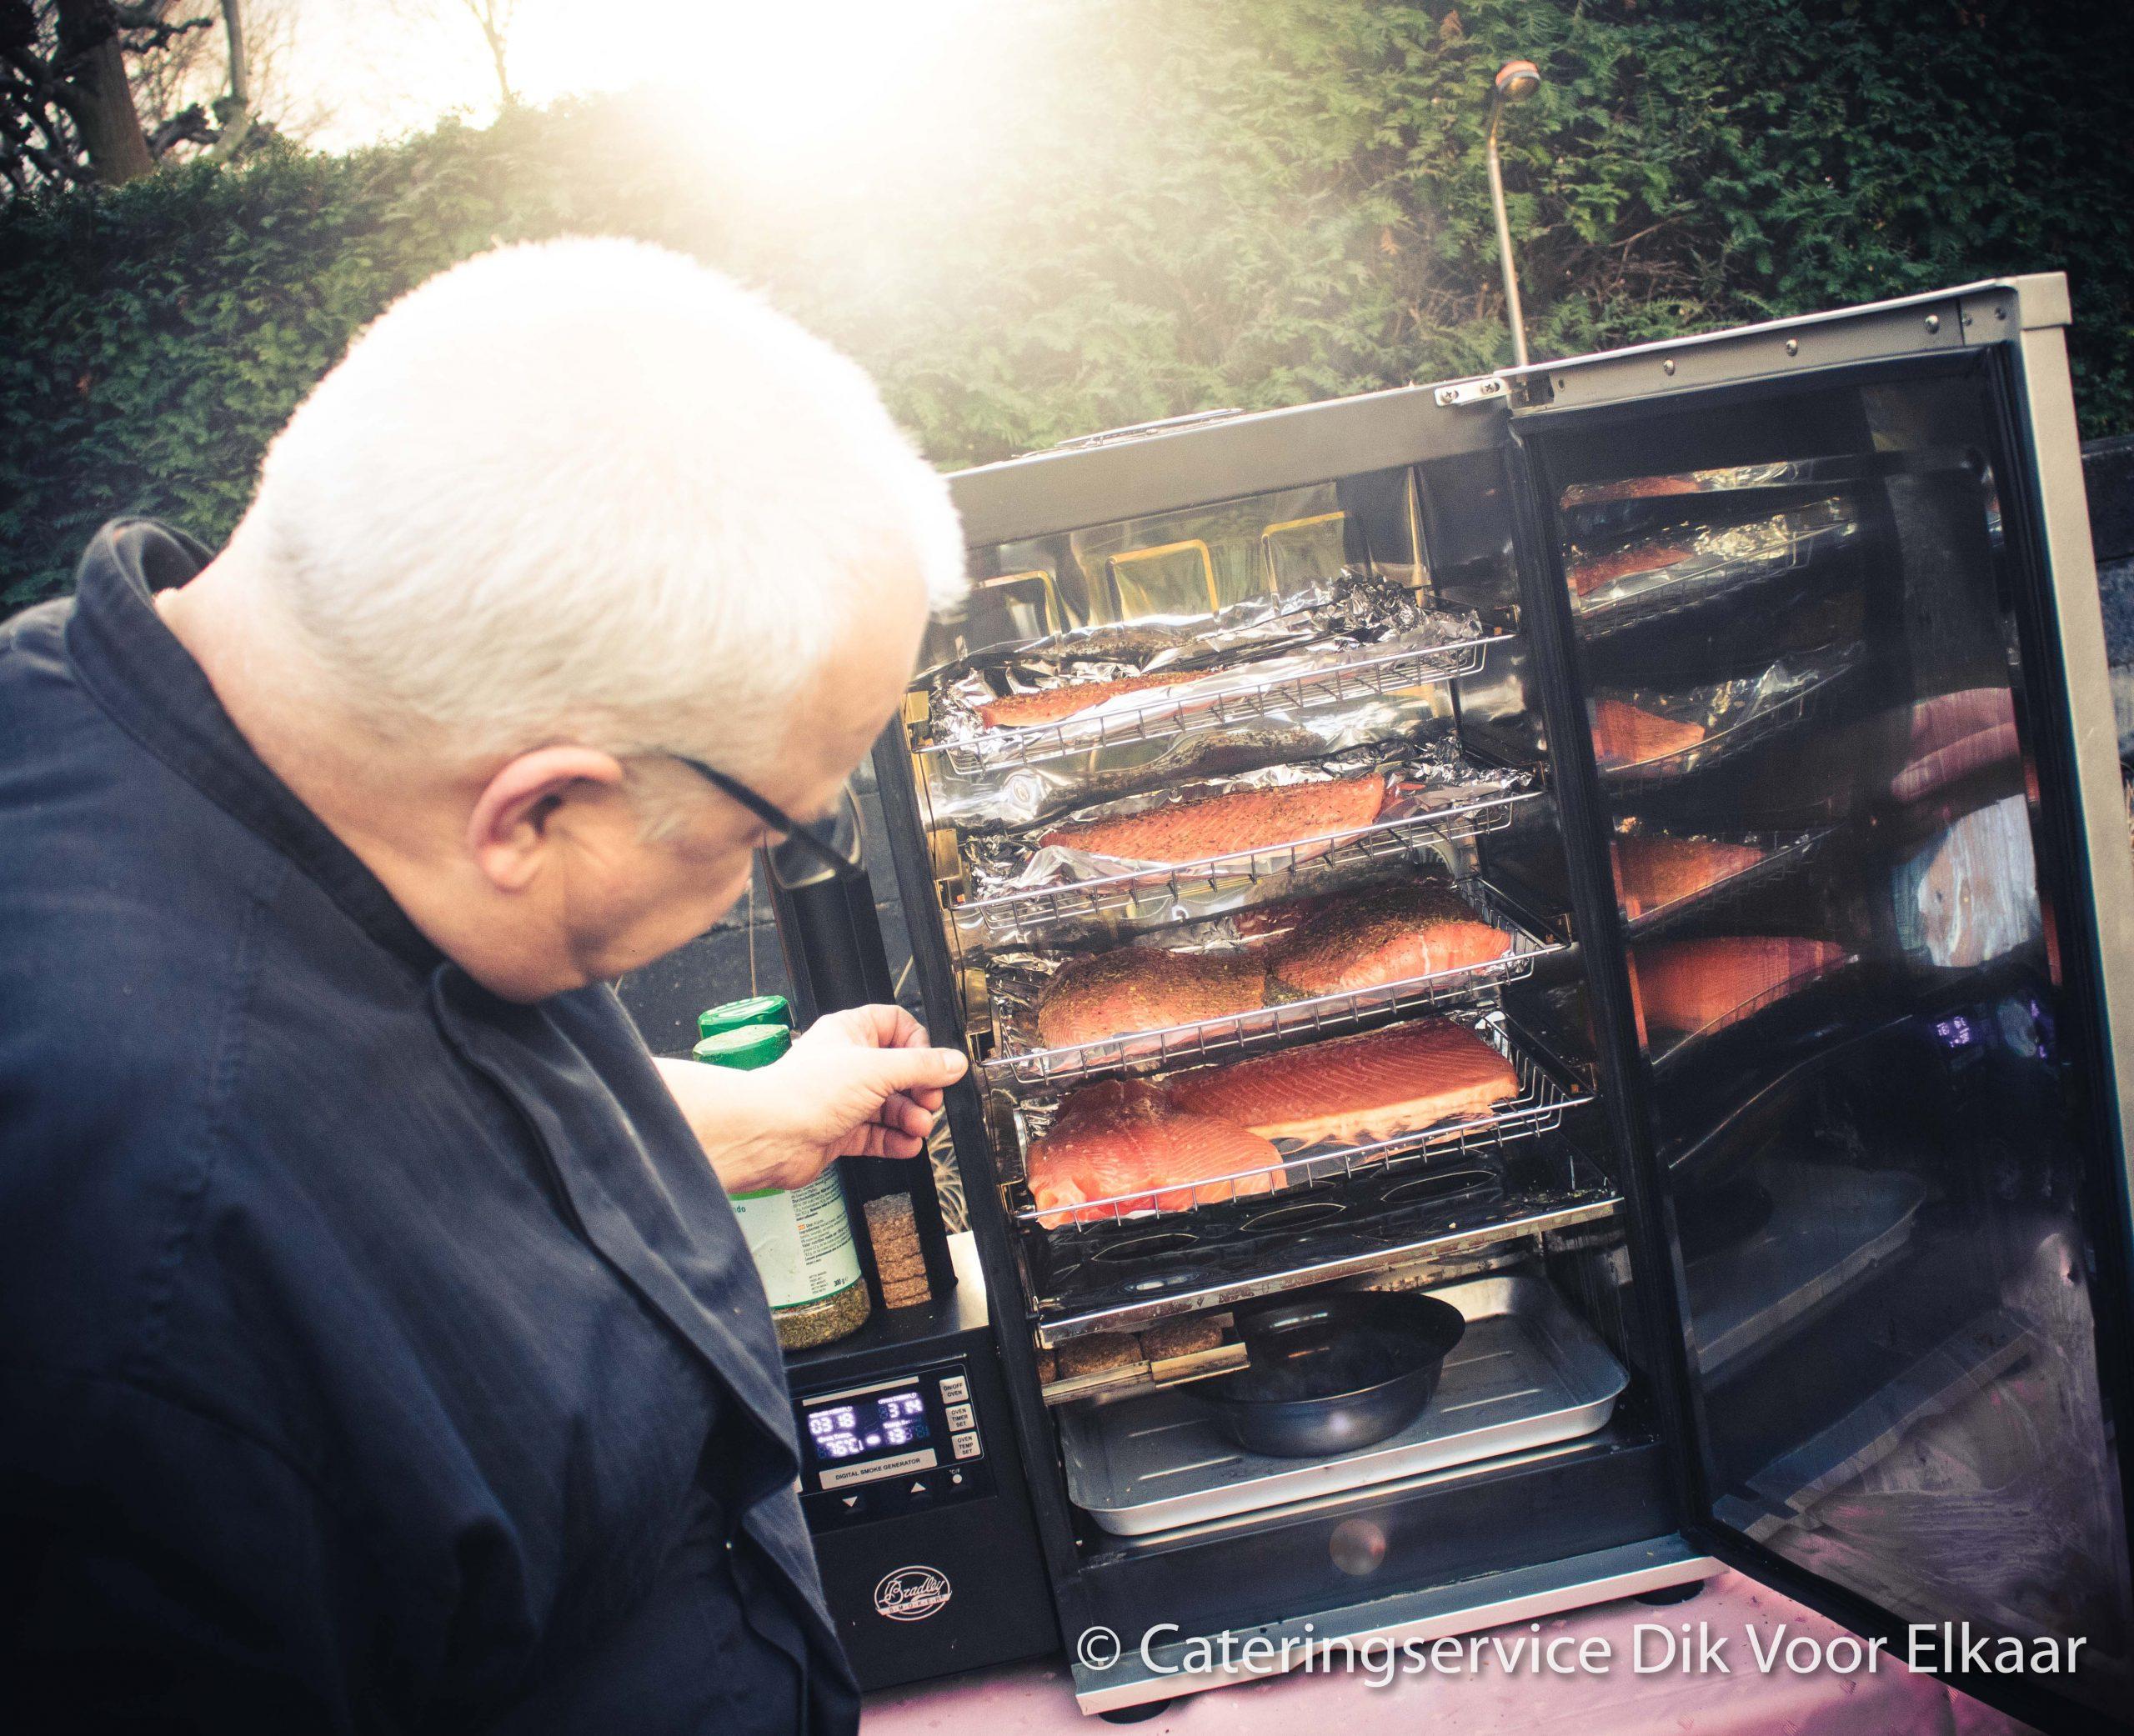 Barbecue cateraar Dordrecht